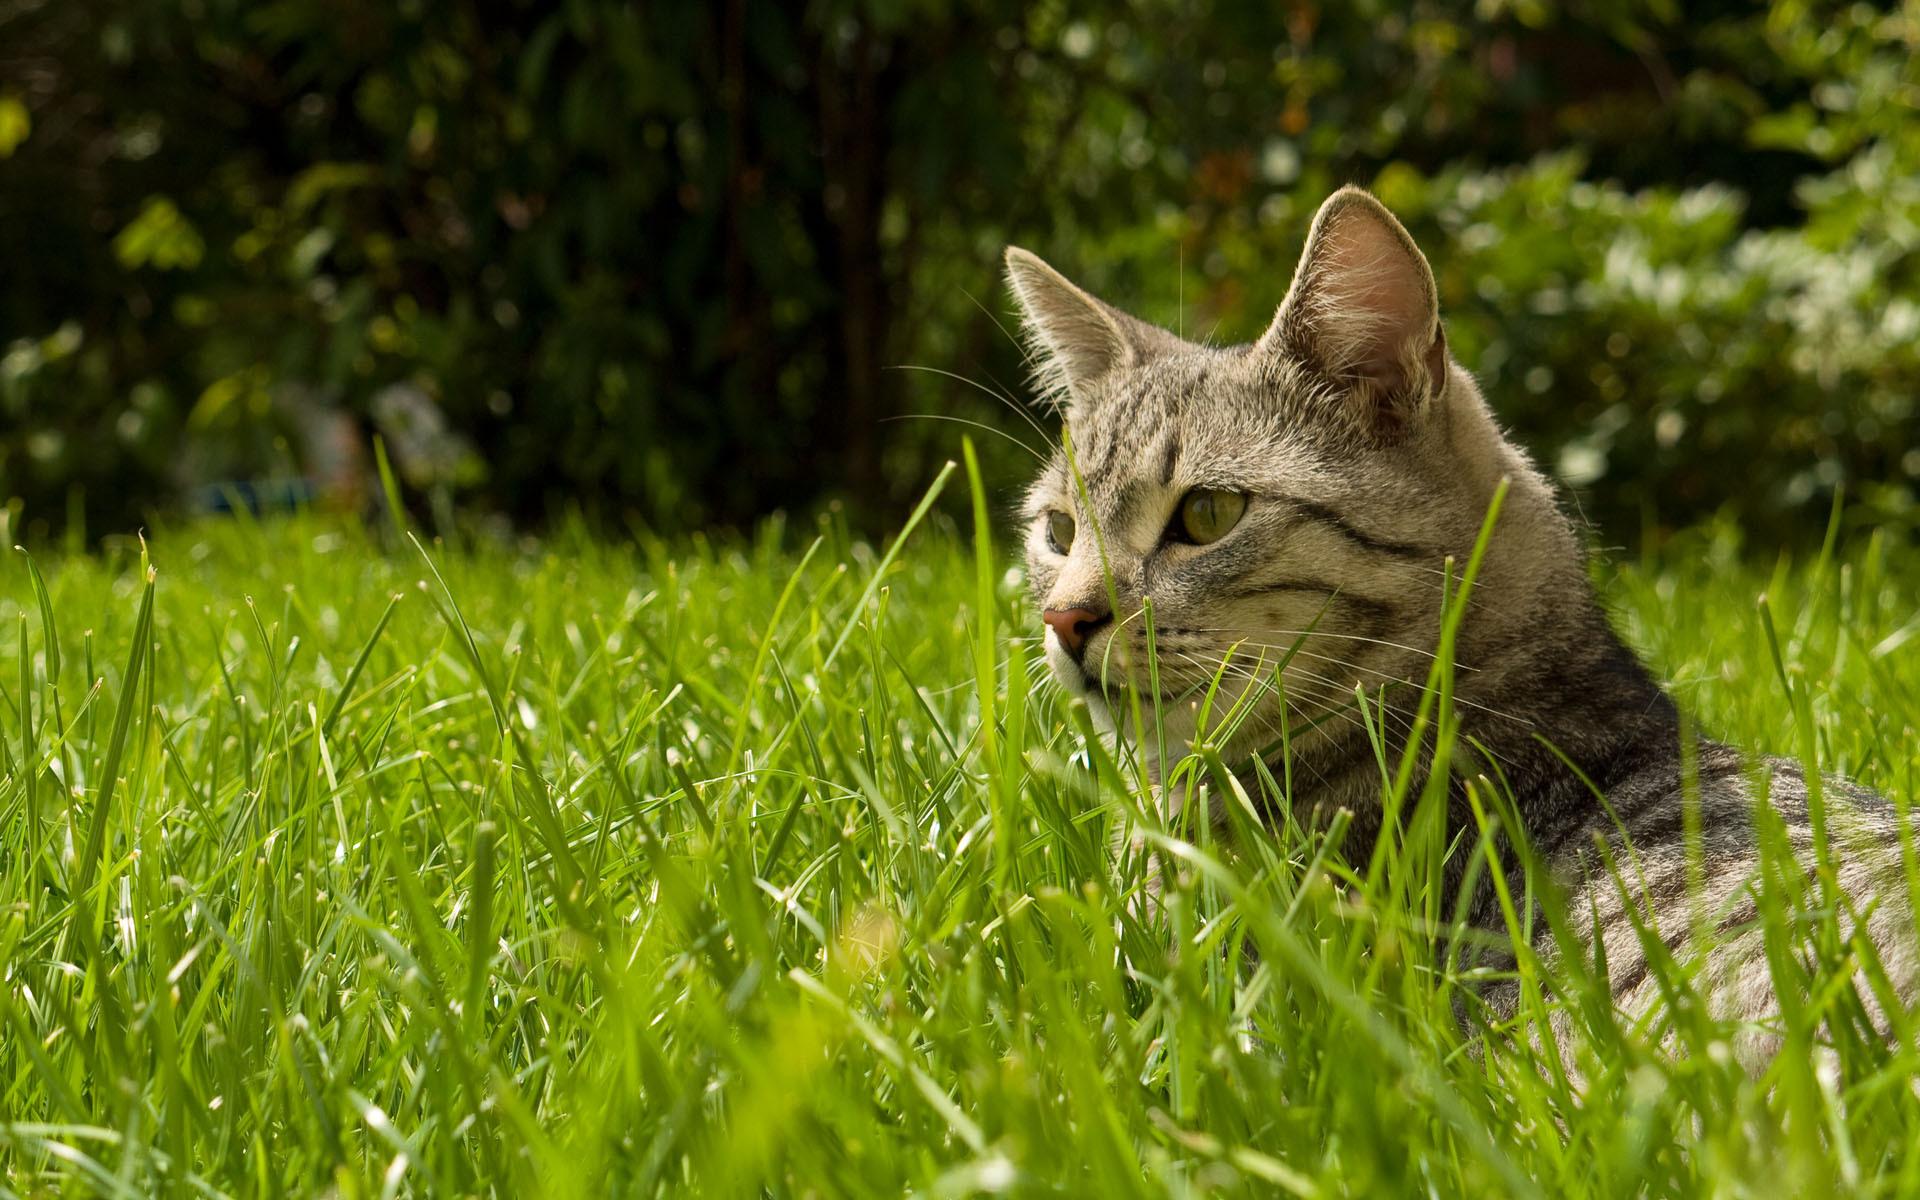 Котенок в траве  № 2954087 загрузить